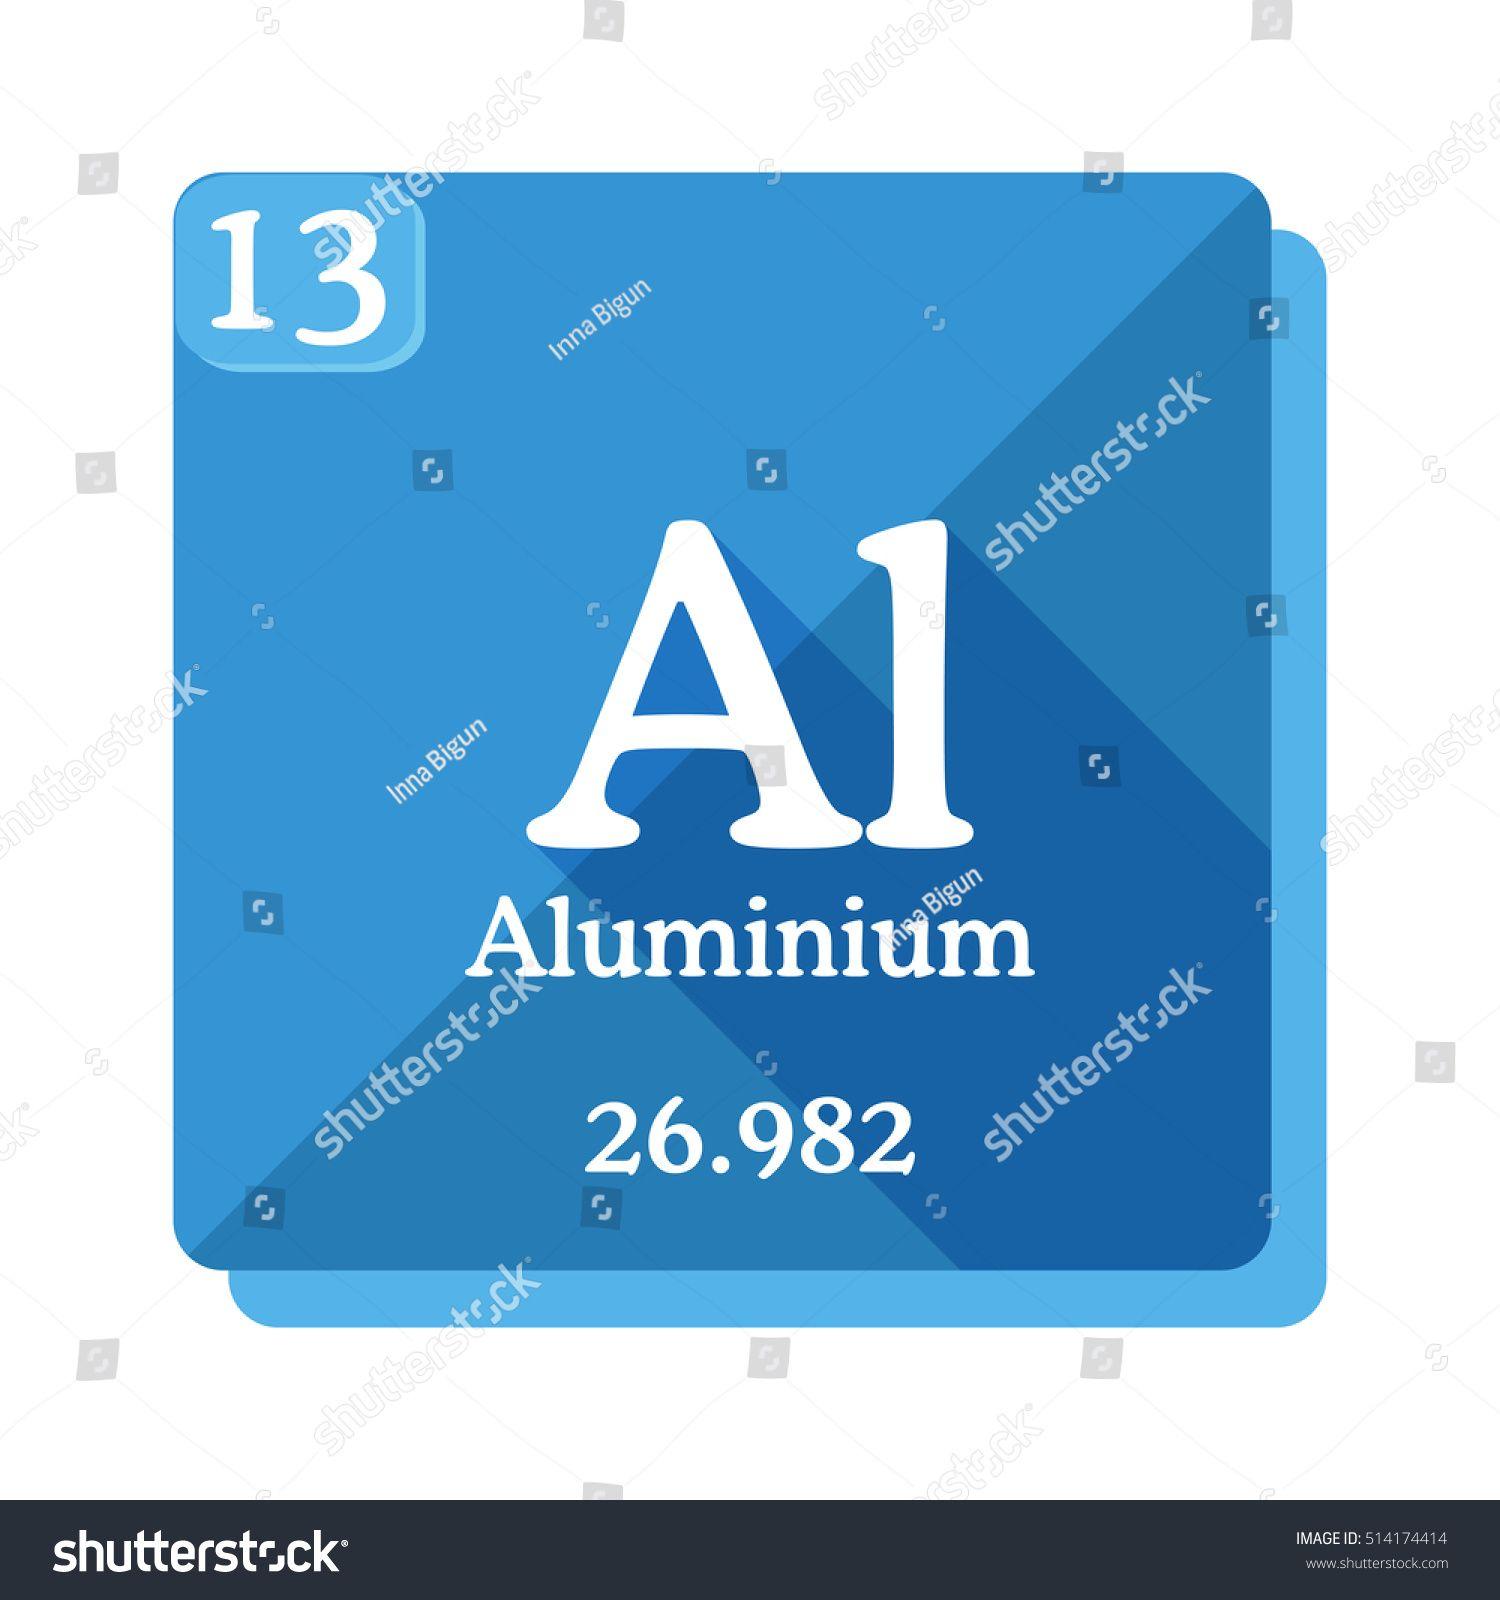 Al In The Periodic Table